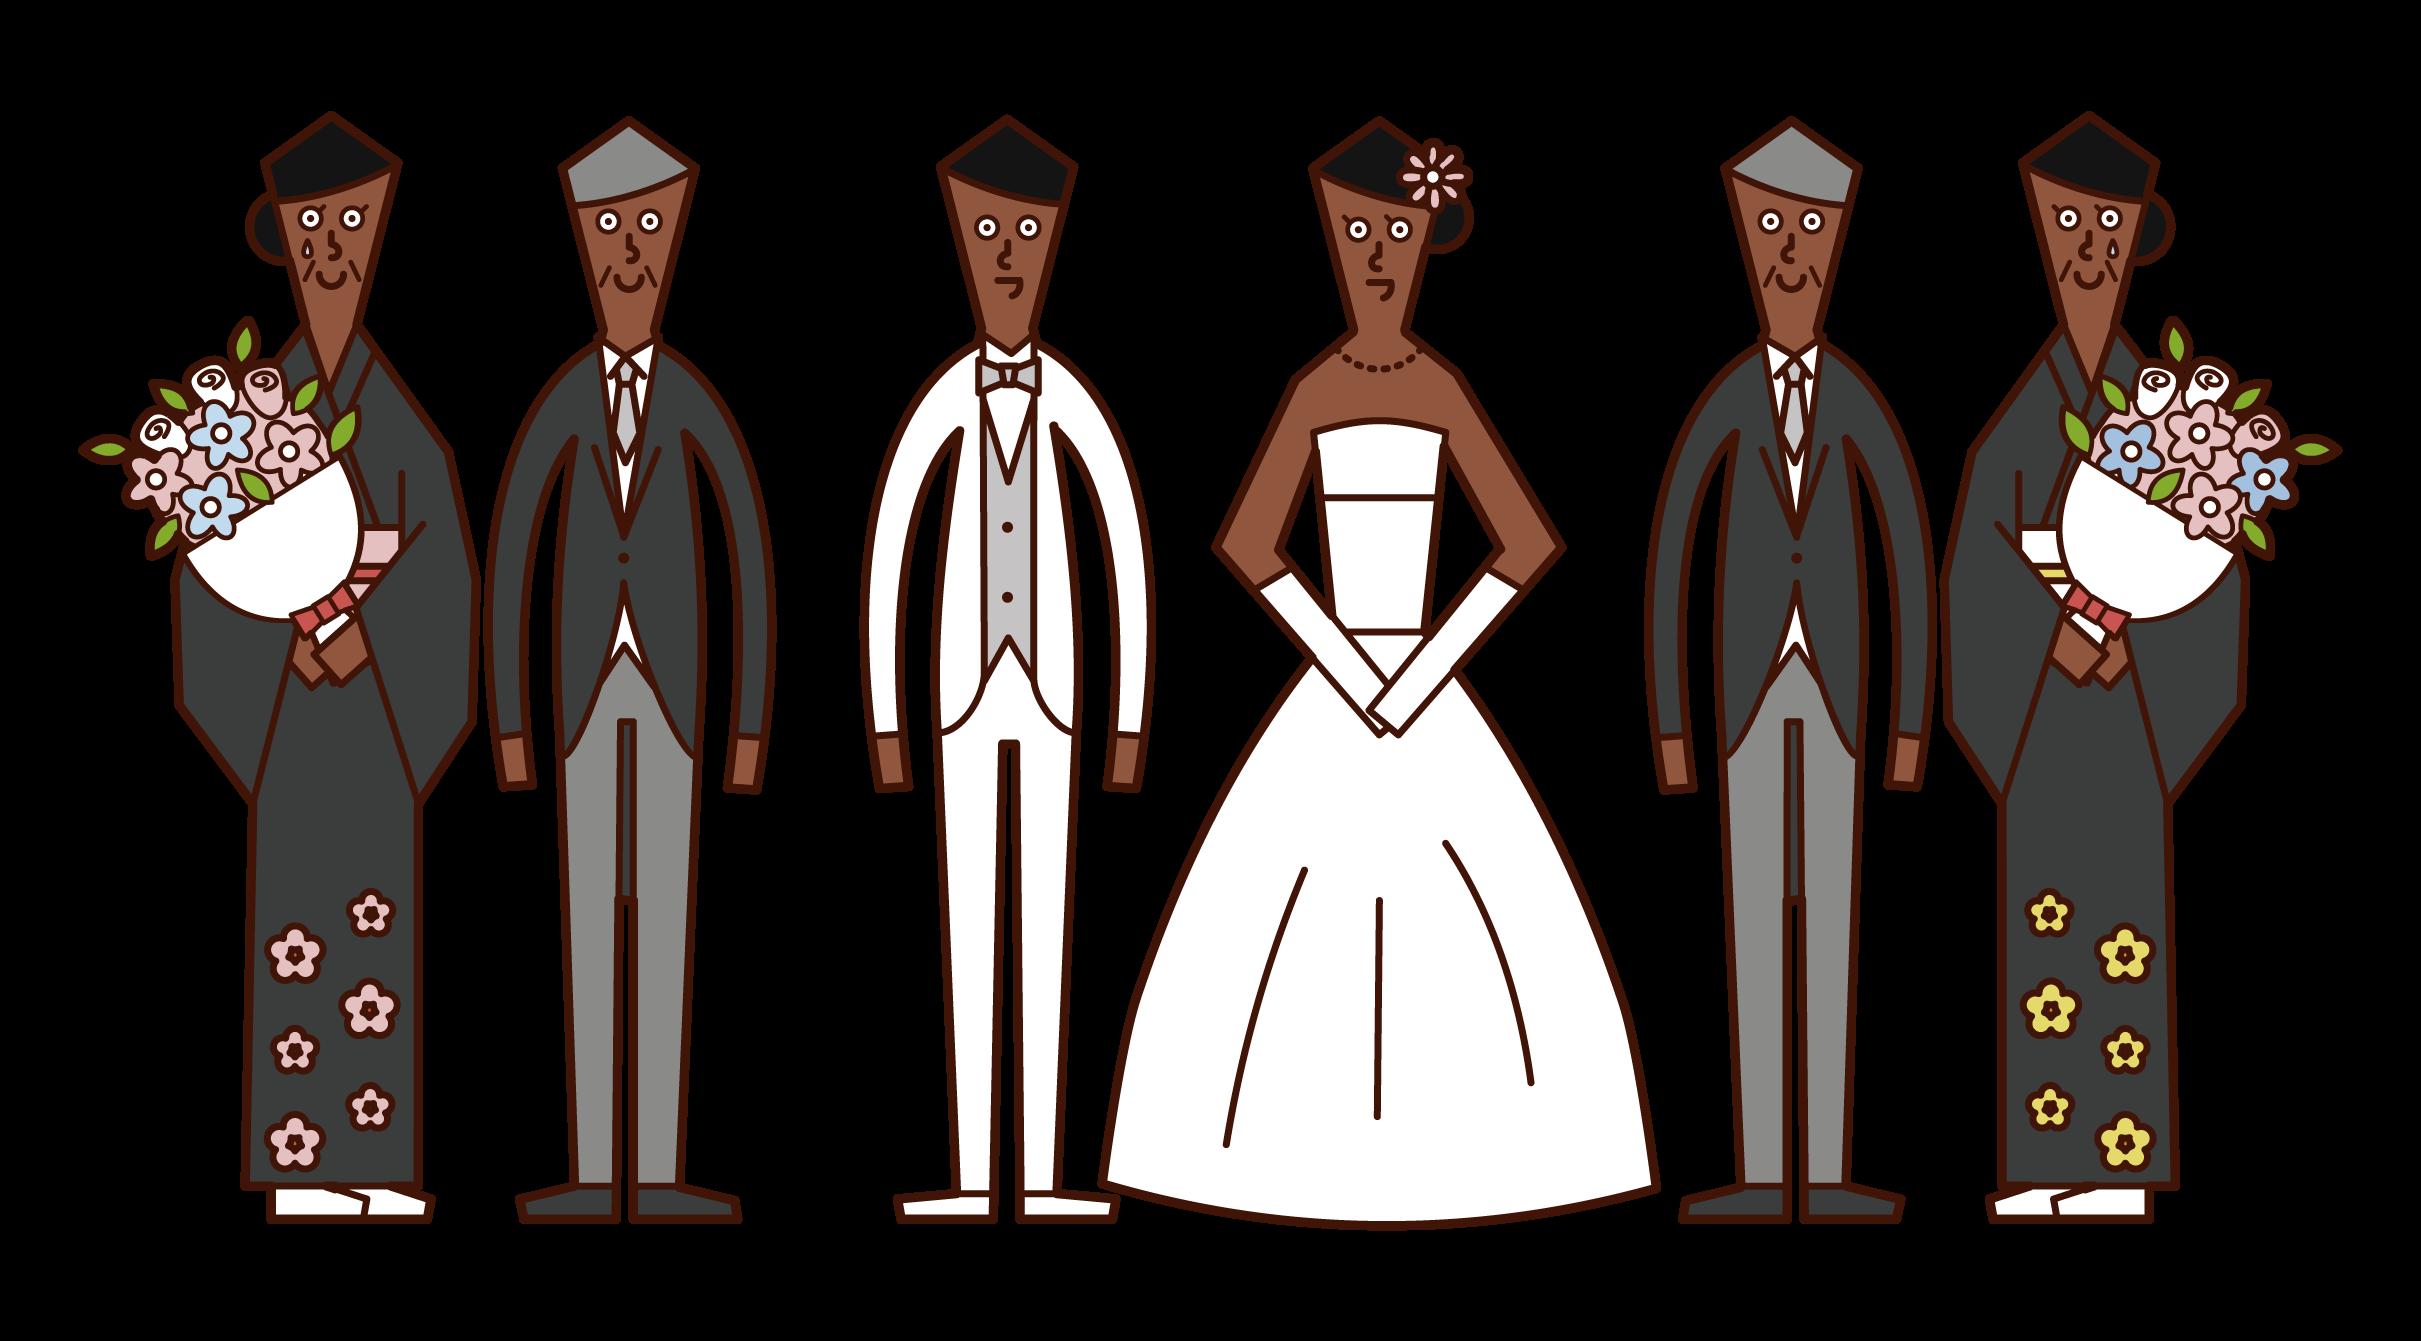 新郎新婦と両親のイラスト